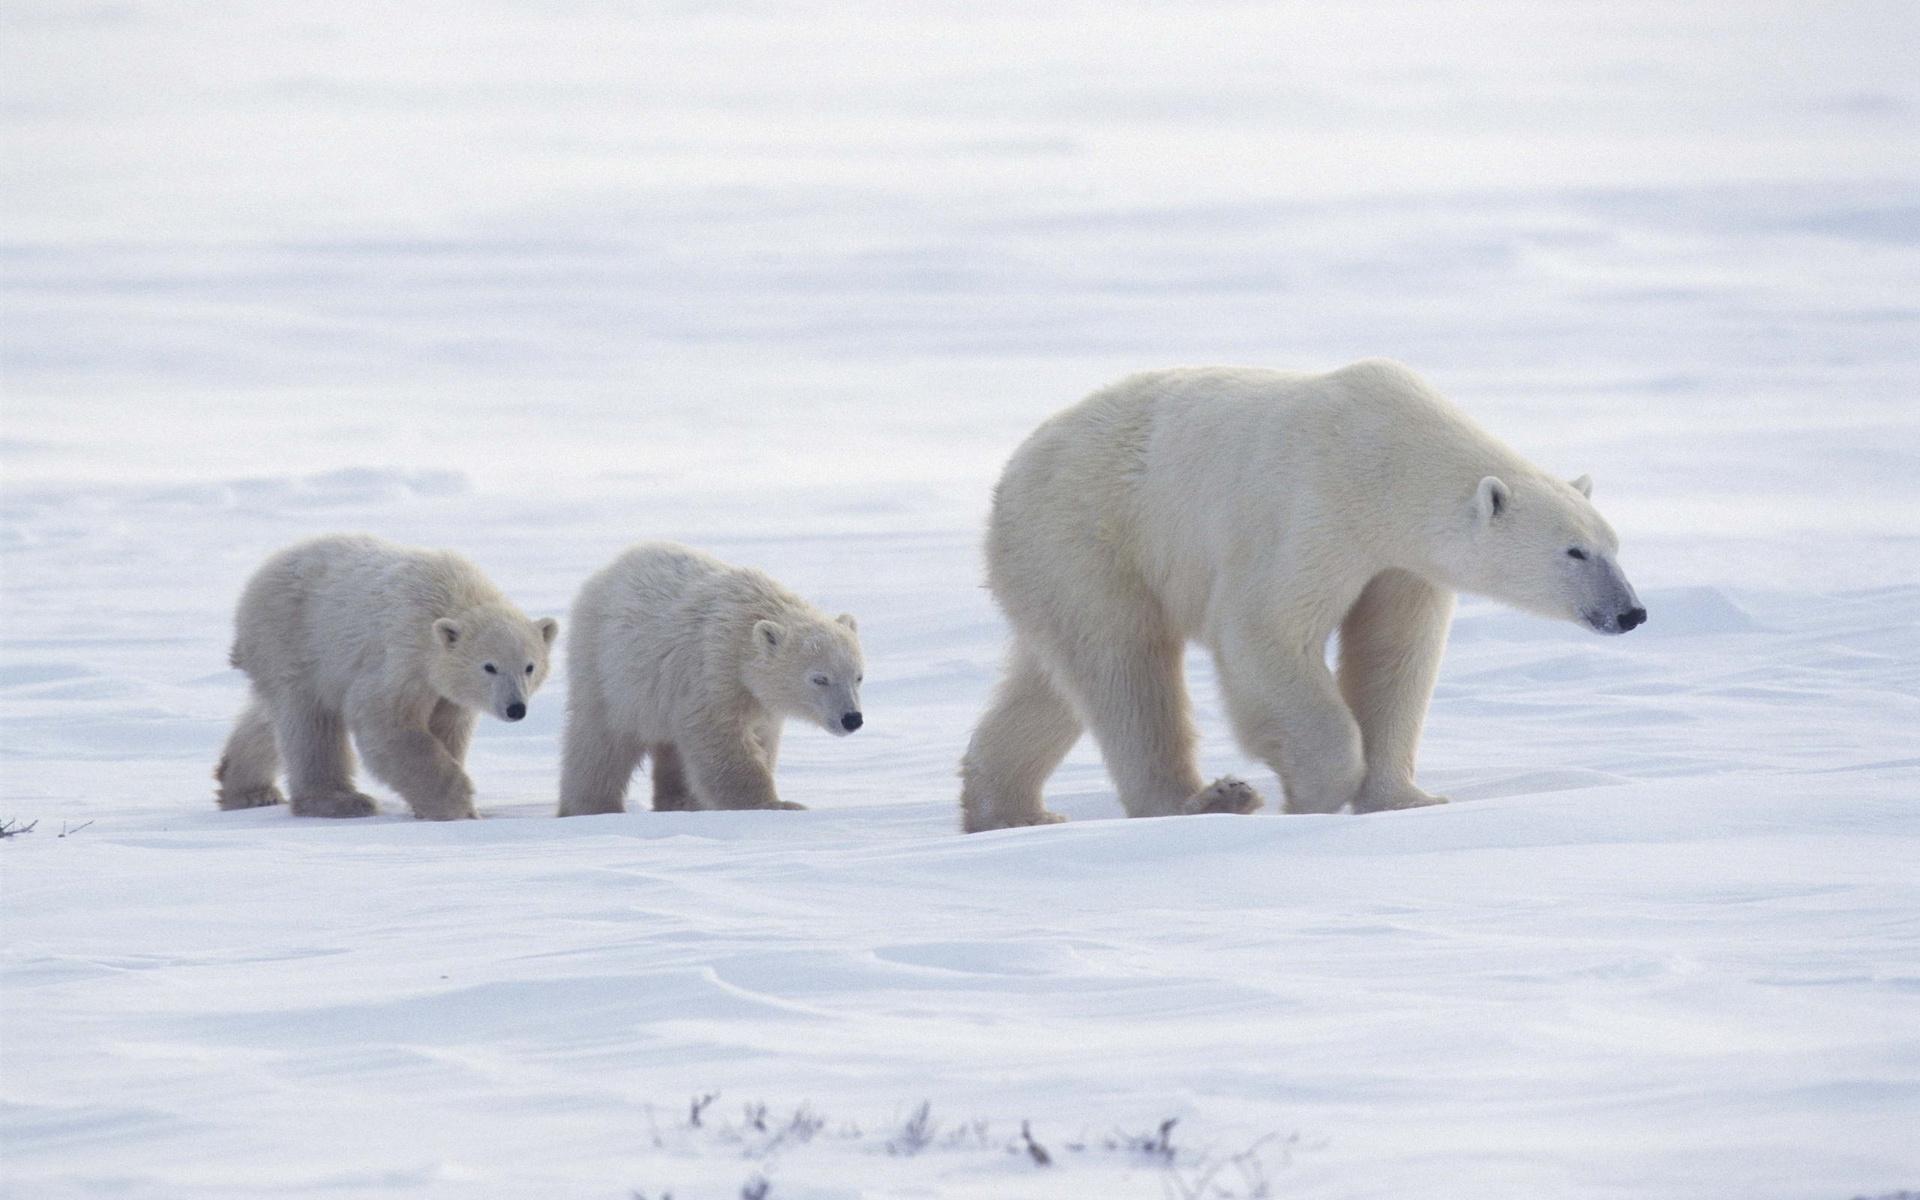 Cute Cubs Wallpaper Bear Wallpapers Hd Pixelstalk Net